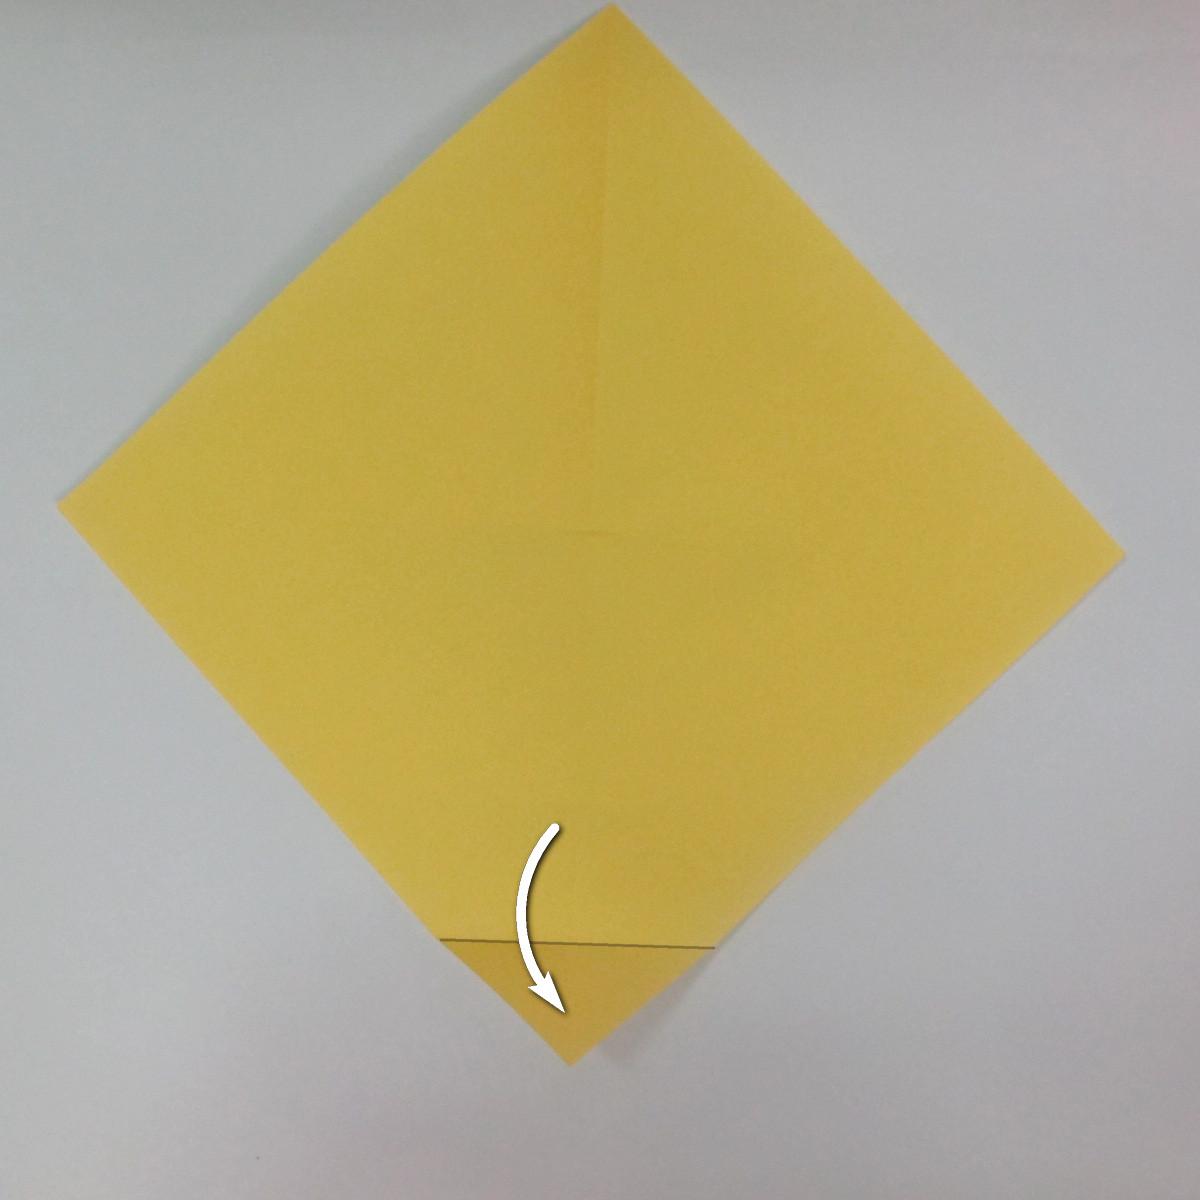 สอนวิธีพับกระดาษเป็นรูปลูกสุนัขยืนสองขา แบบของพอล ฟราสโก้ (Down Boy Dog Origami) 009